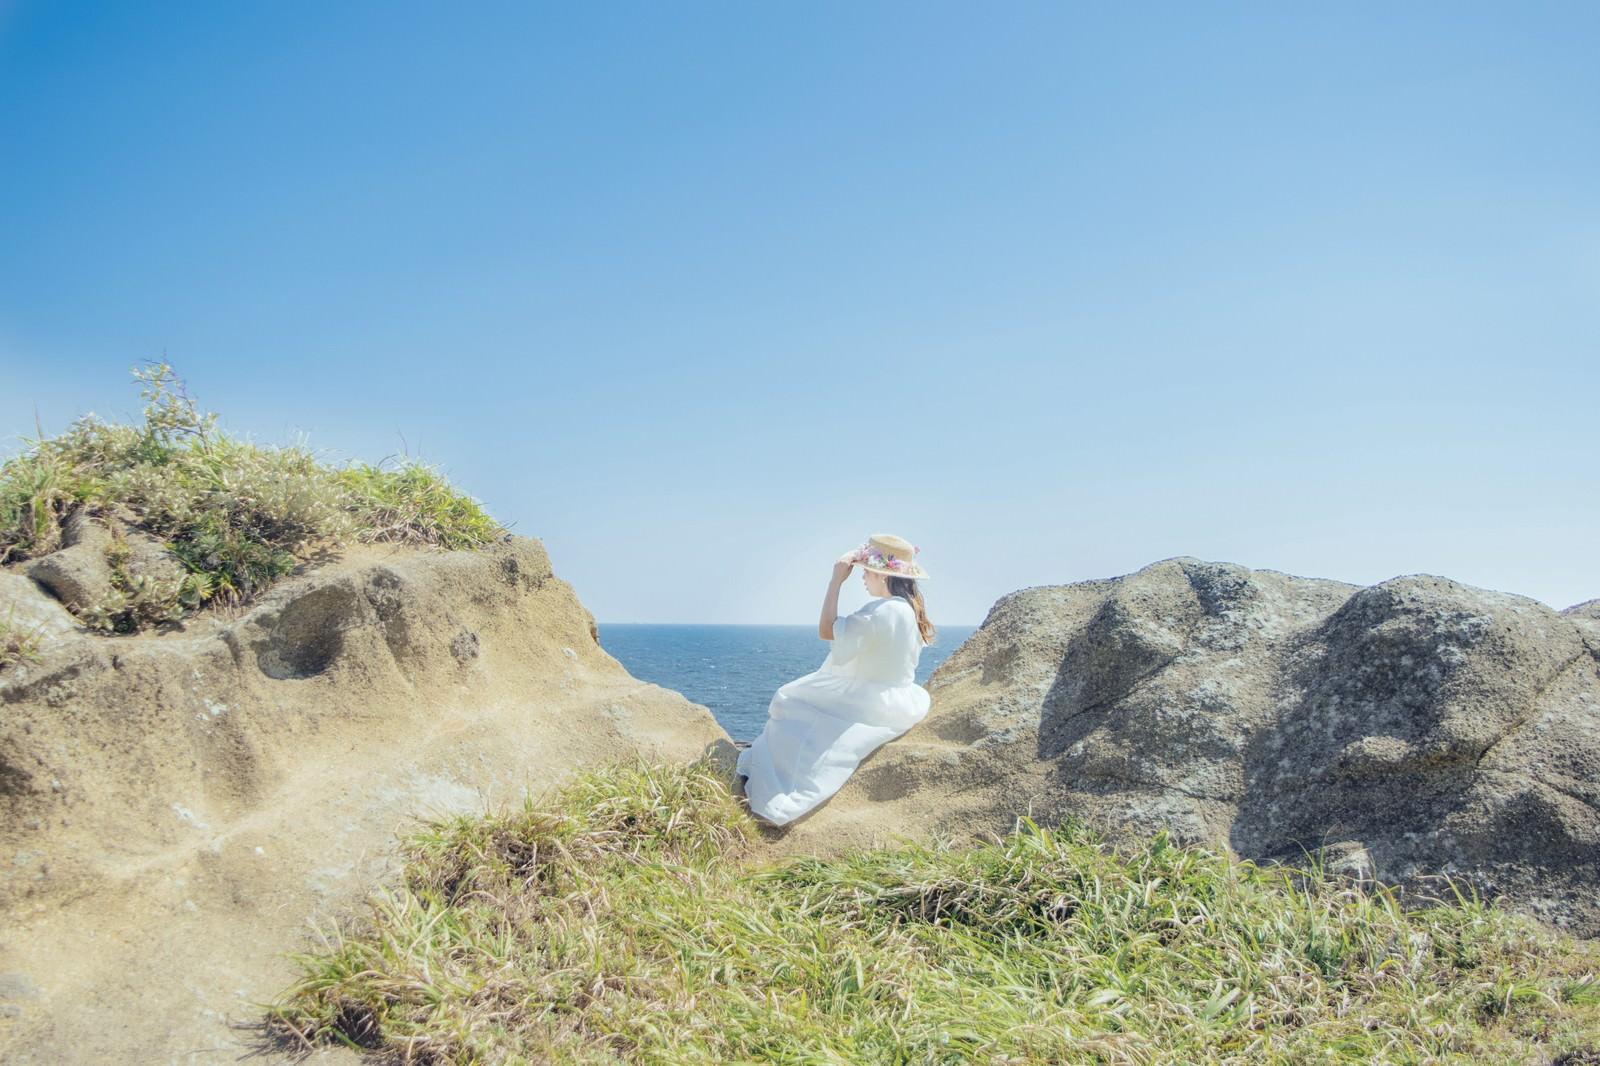 「海岸に腰を下ろし海を見つめる女性」の写真